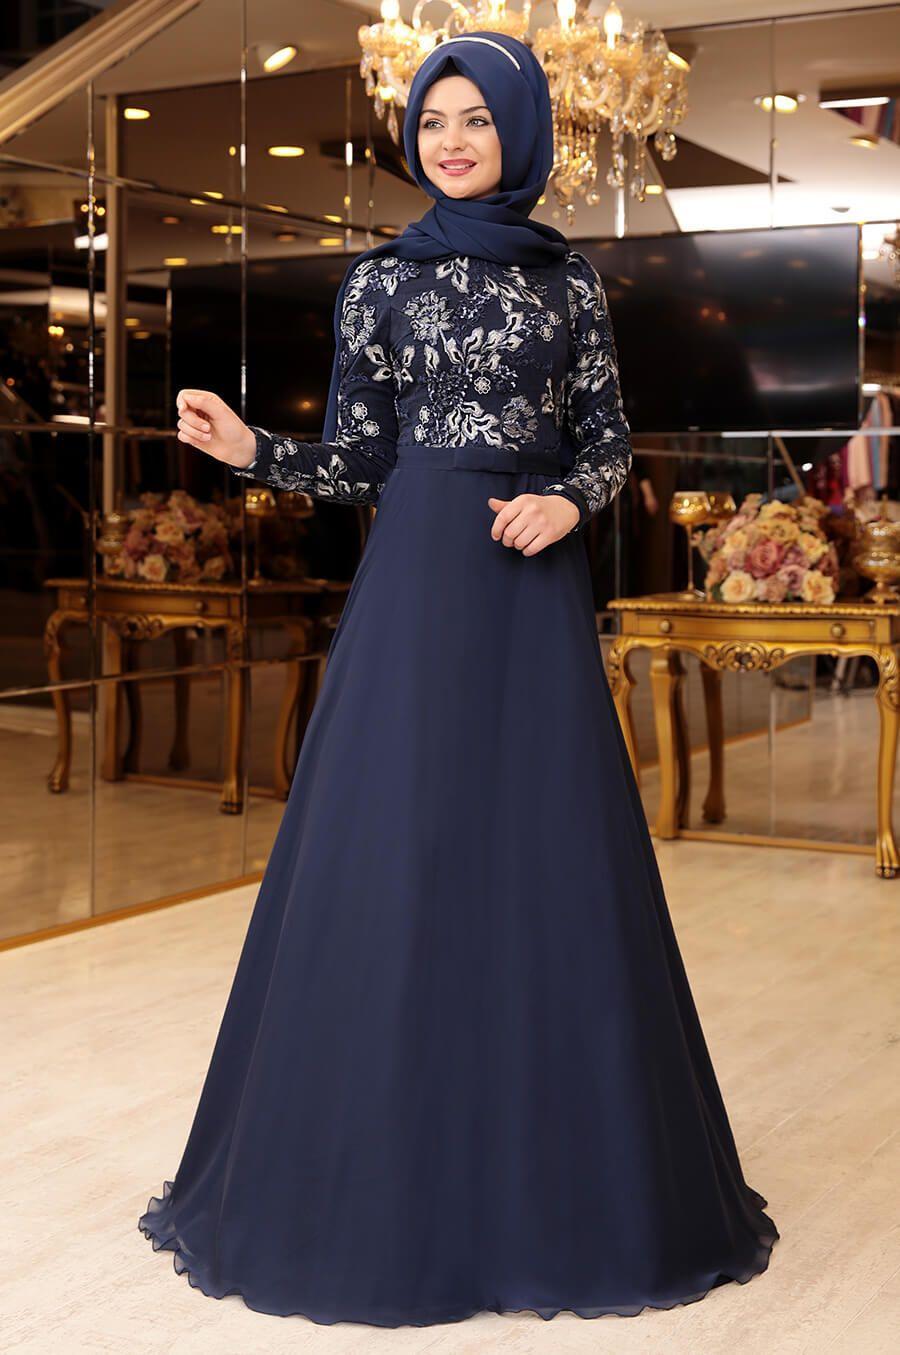 Pinar Sems Lacivert Abiye Modelleri Giyim Moda Stilleri Elbise Modelleri